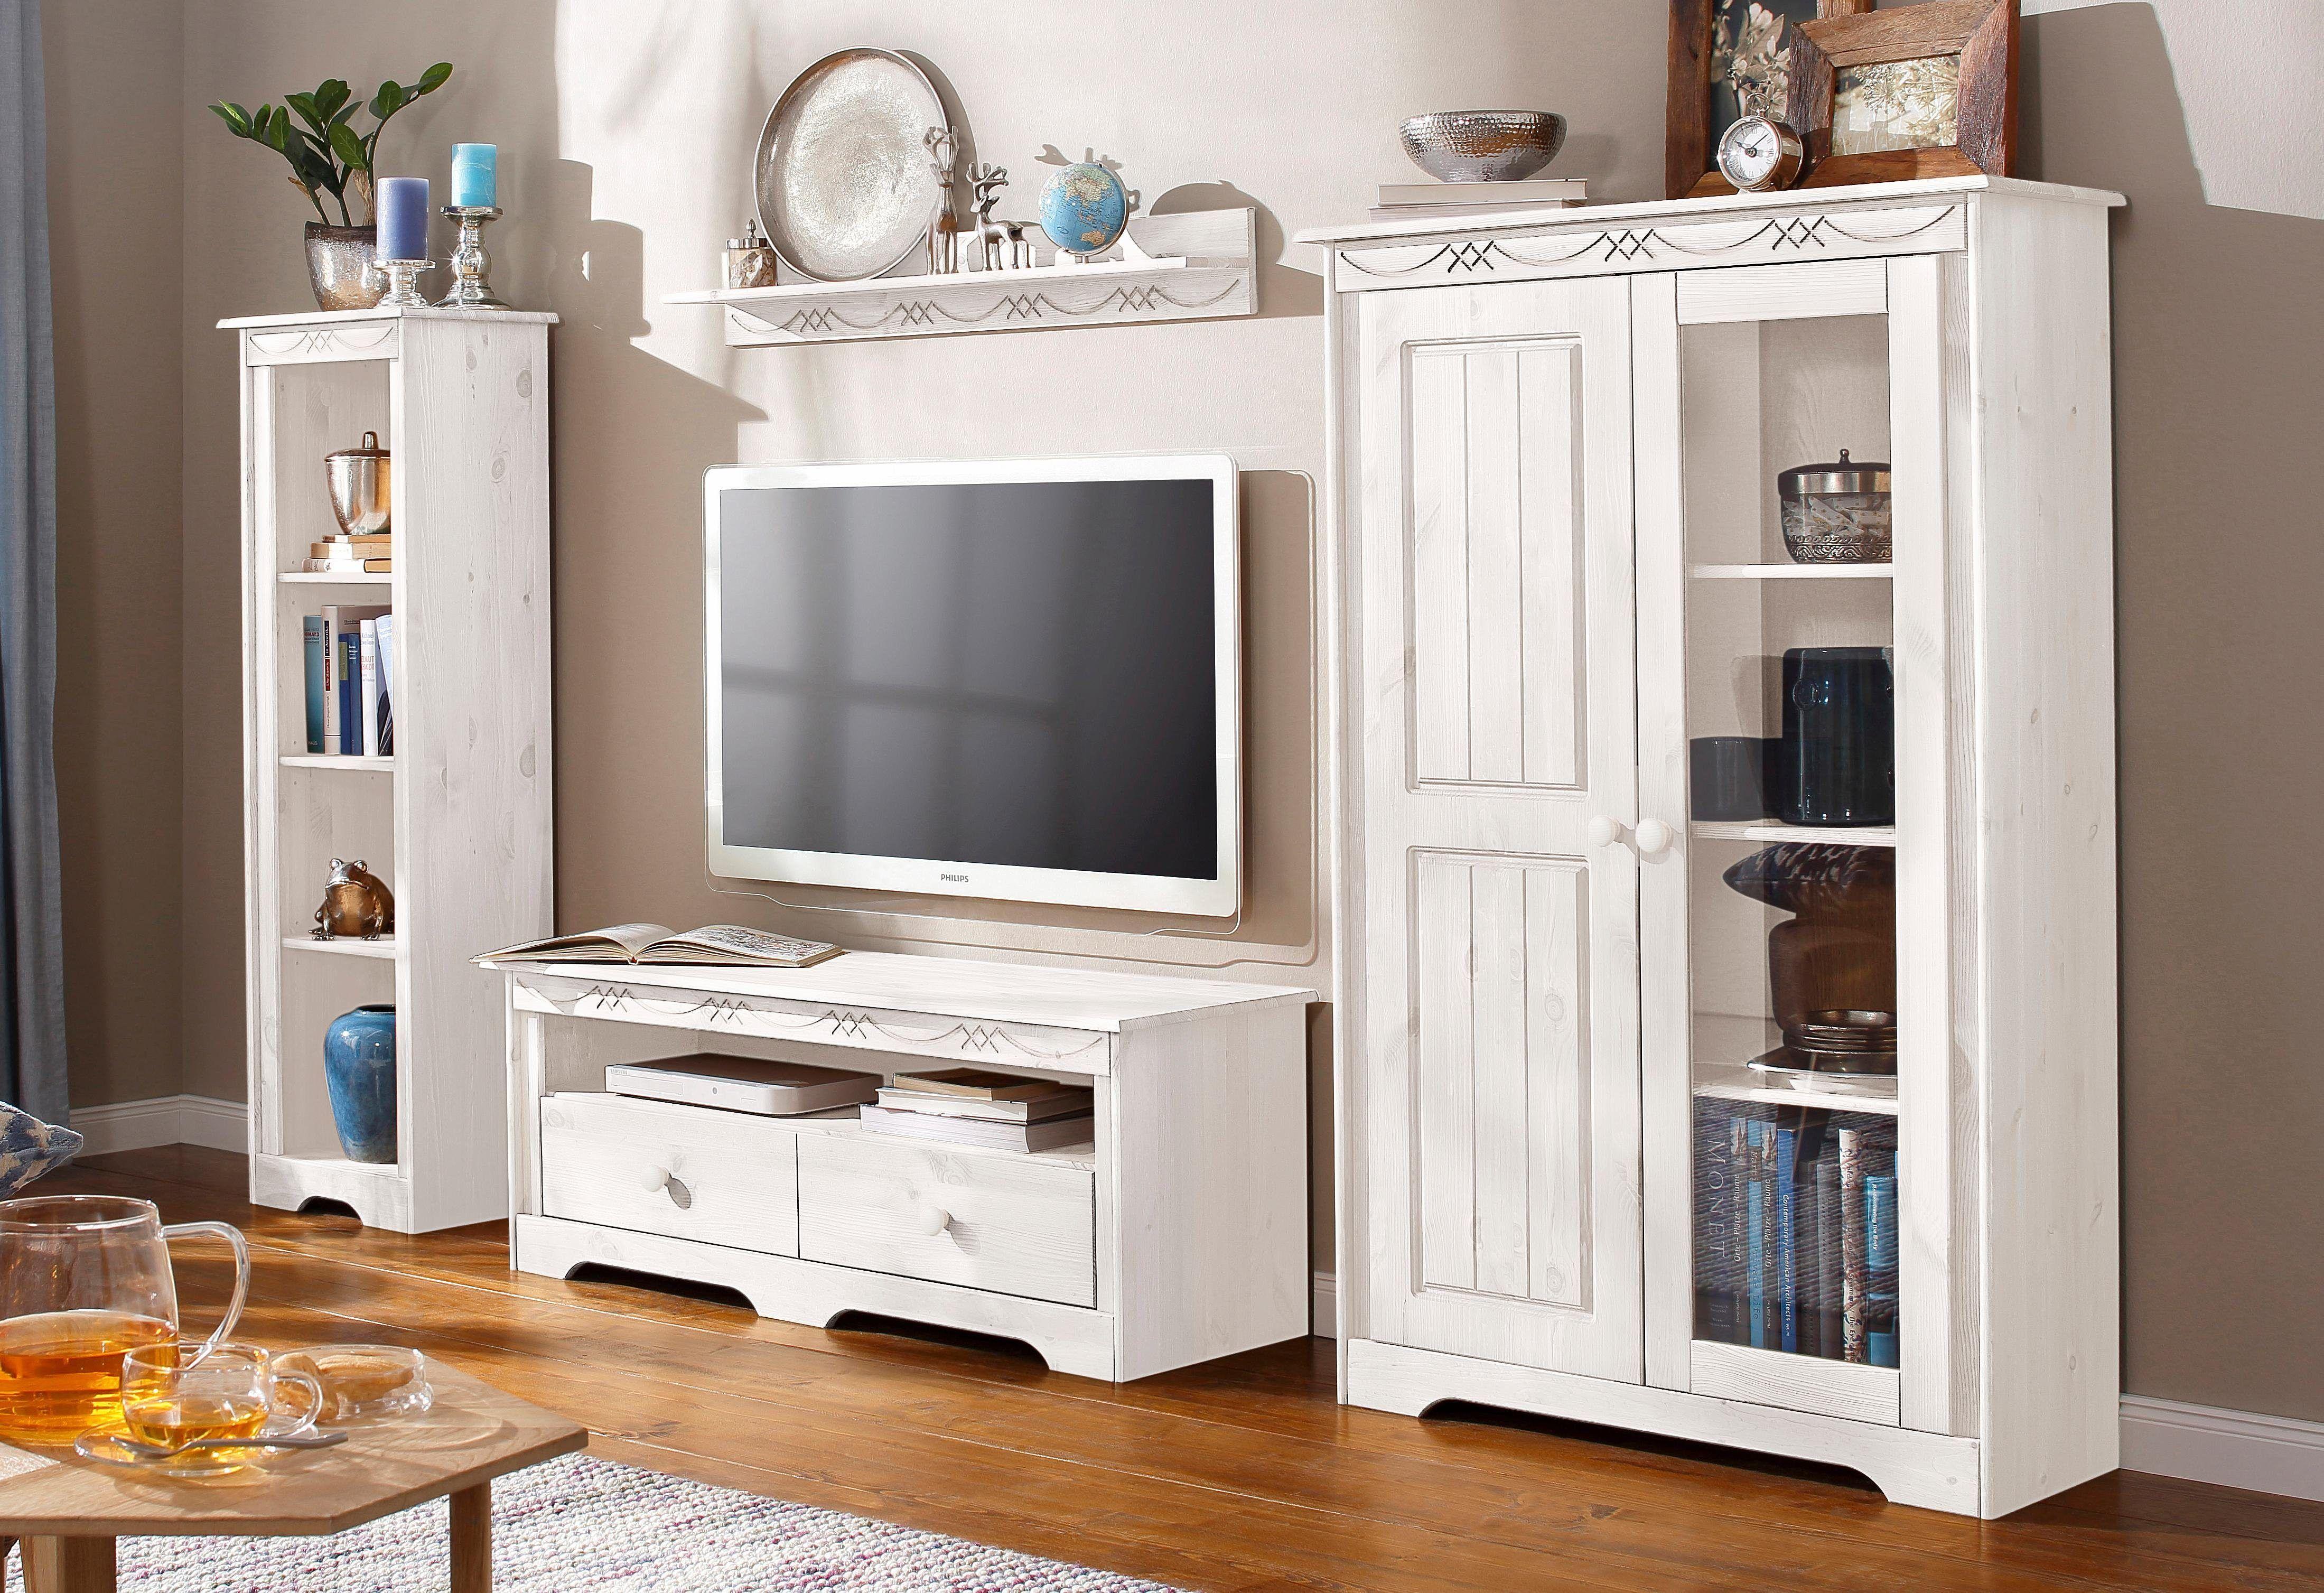 Pin von Barbara Beckmann auf Trends | Wohnzimmerschränke